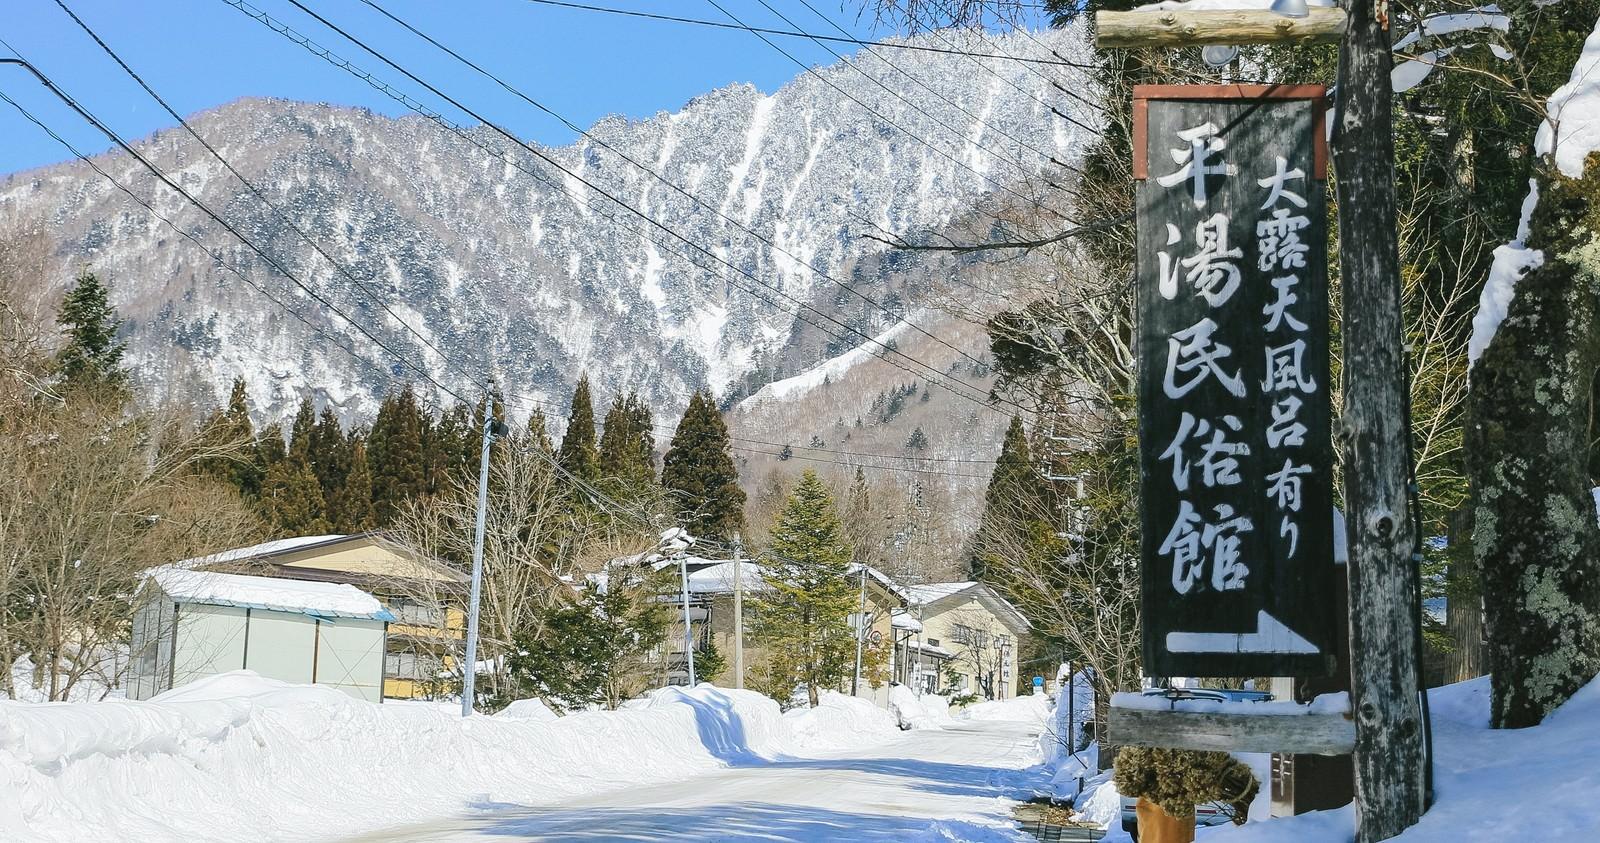 「飛騨山脈に囲まれた雪深い温泉地平湯温泉の民俗館」の写真